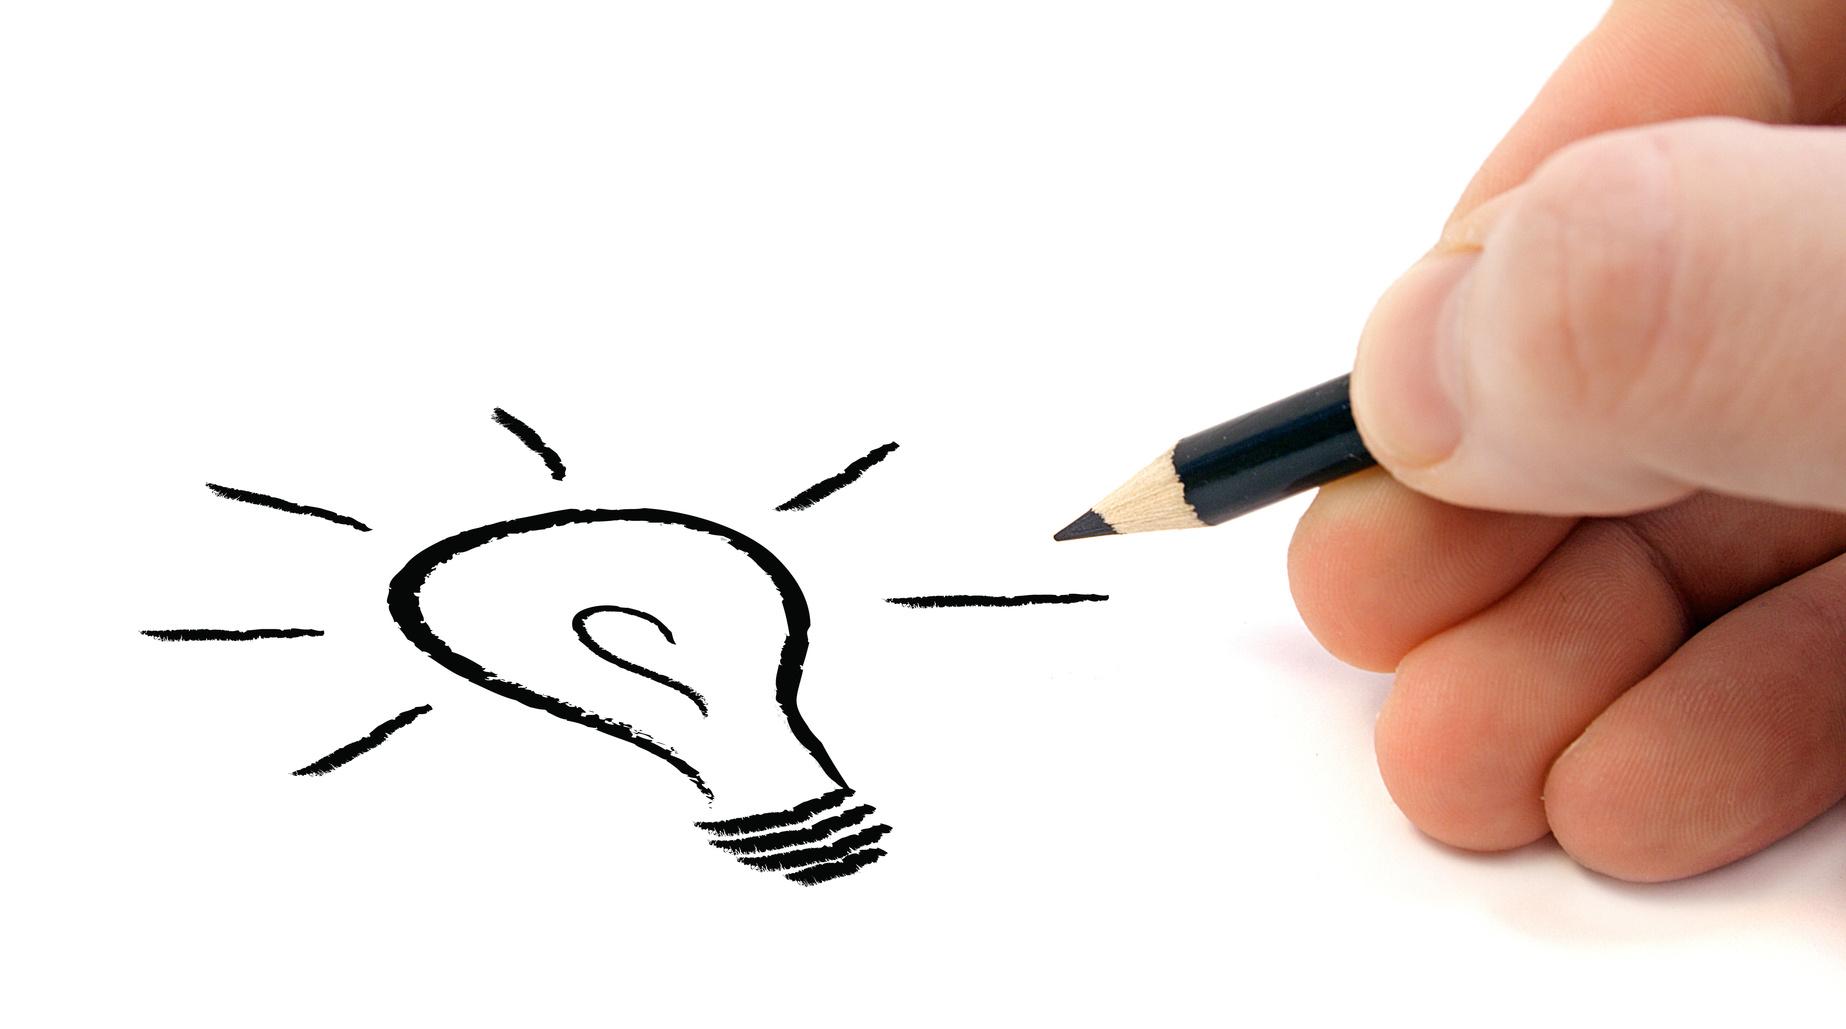 论专利撰写中的权利行使意识